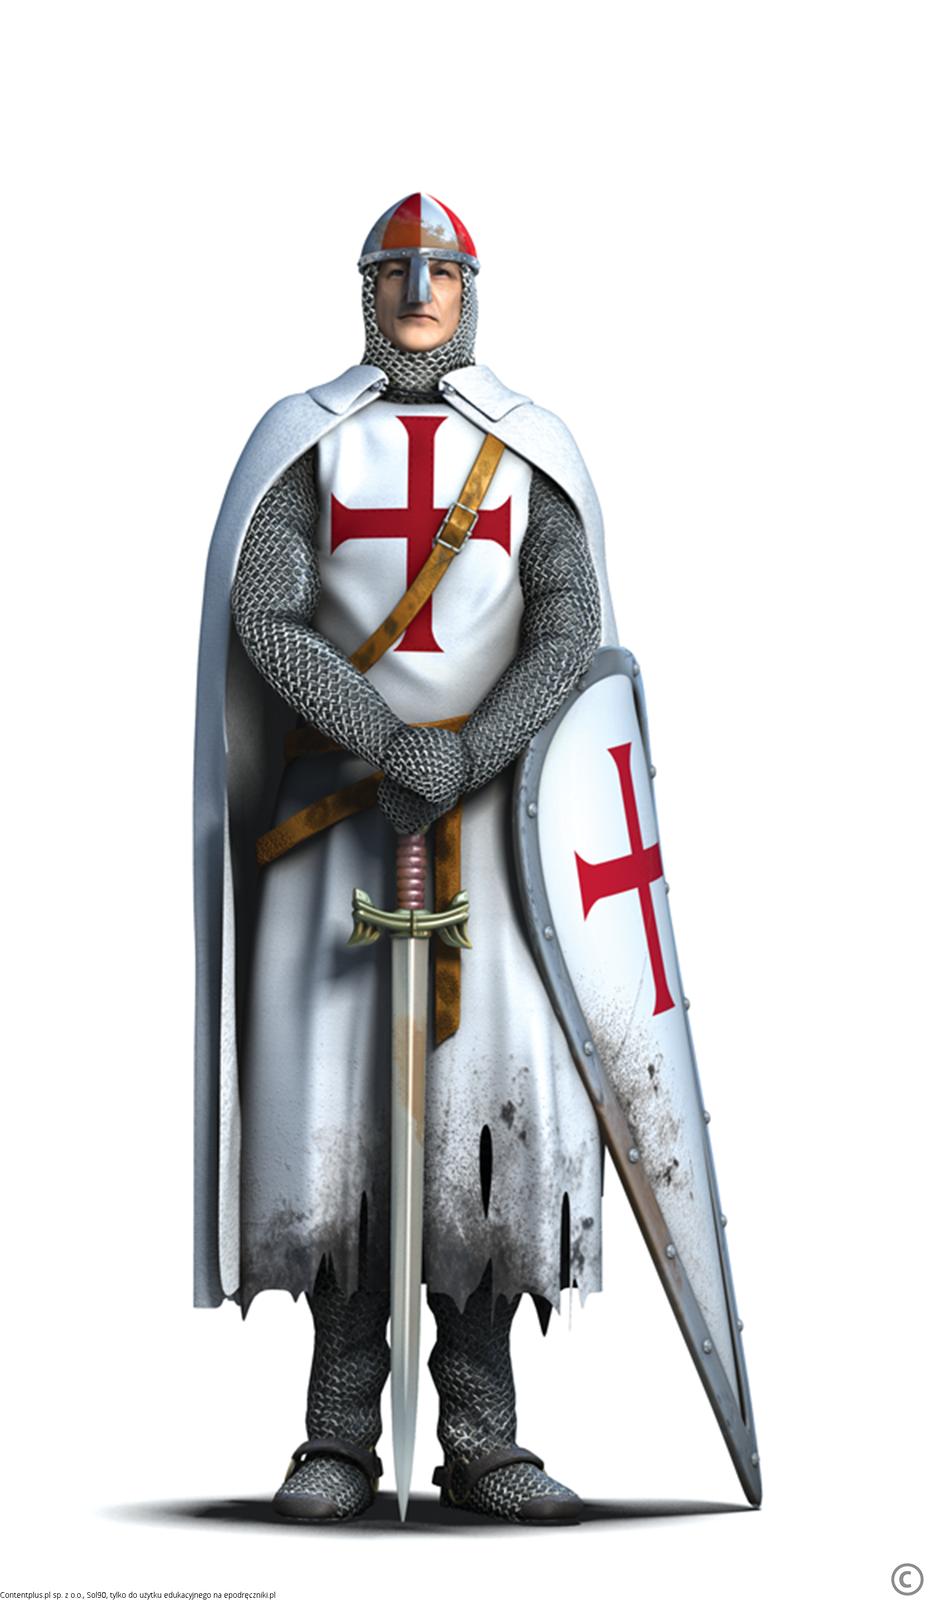 Templariusz Templariusz Źródło: Contentplus.pl sp. zo.o., Sol90, tylko do użytku edukacyjnego na epodreczniki.pl.